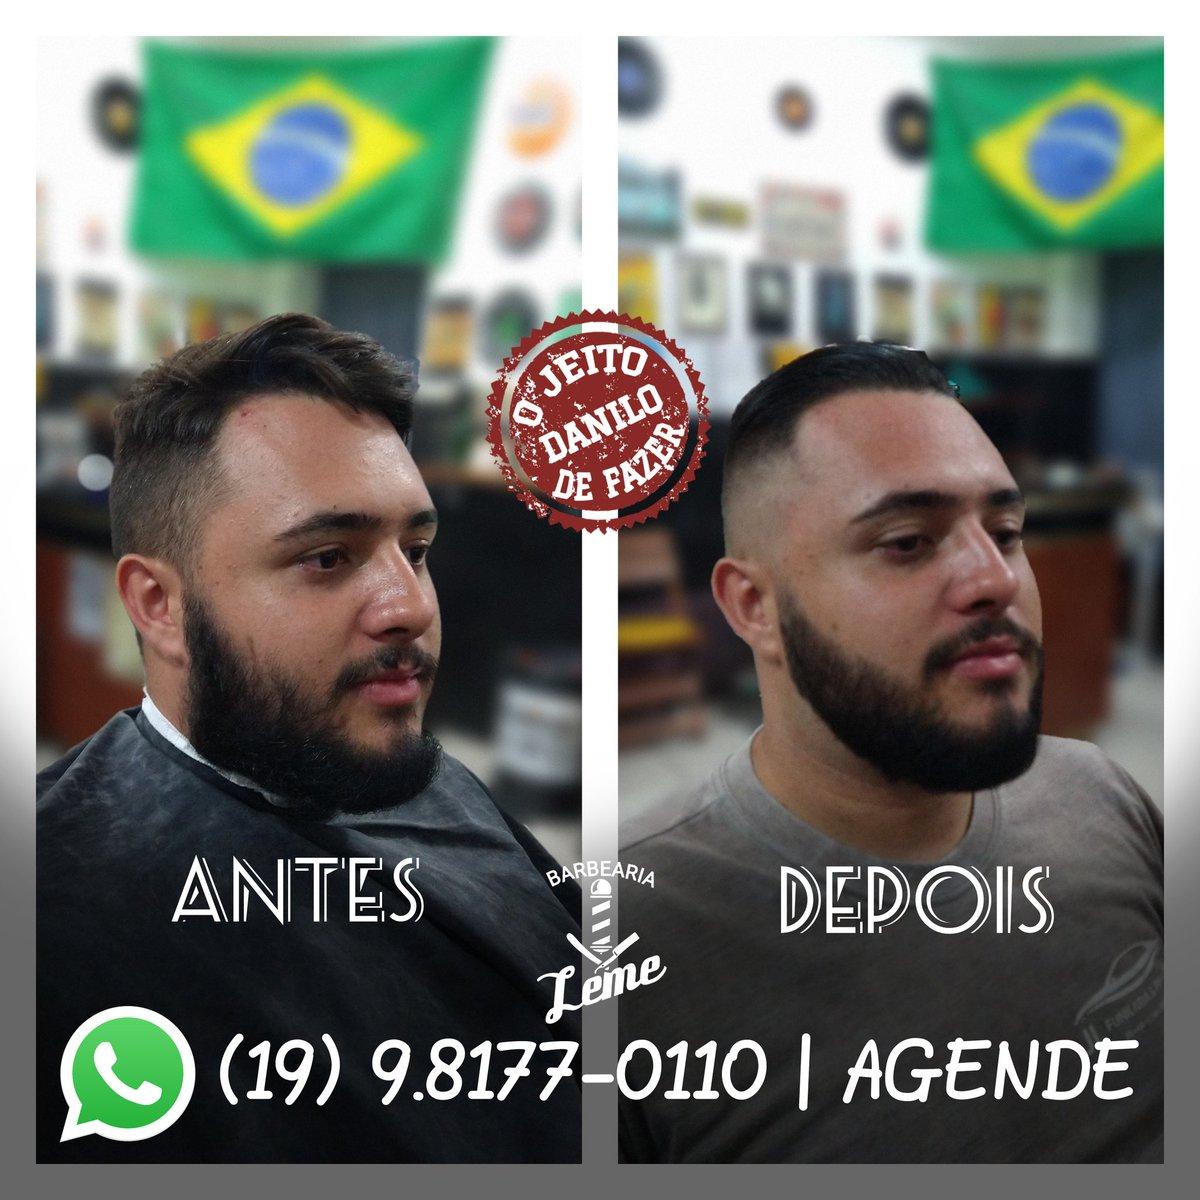 📍Av. Dom Pedro I - N° 54, Jd. Santa Rita - Leme SP ☎  (19) 9.8177-0110 #barbershop #barbearia #barbeariaclassica #barbeariatradicional #barbeariaoldschool  #barbershopconnect #barber #barbeiro #barbeirosp #barberlifestyle #oldschool #aoriginal #tradicao  #saopaulo https://t.co/91jENMi2HW